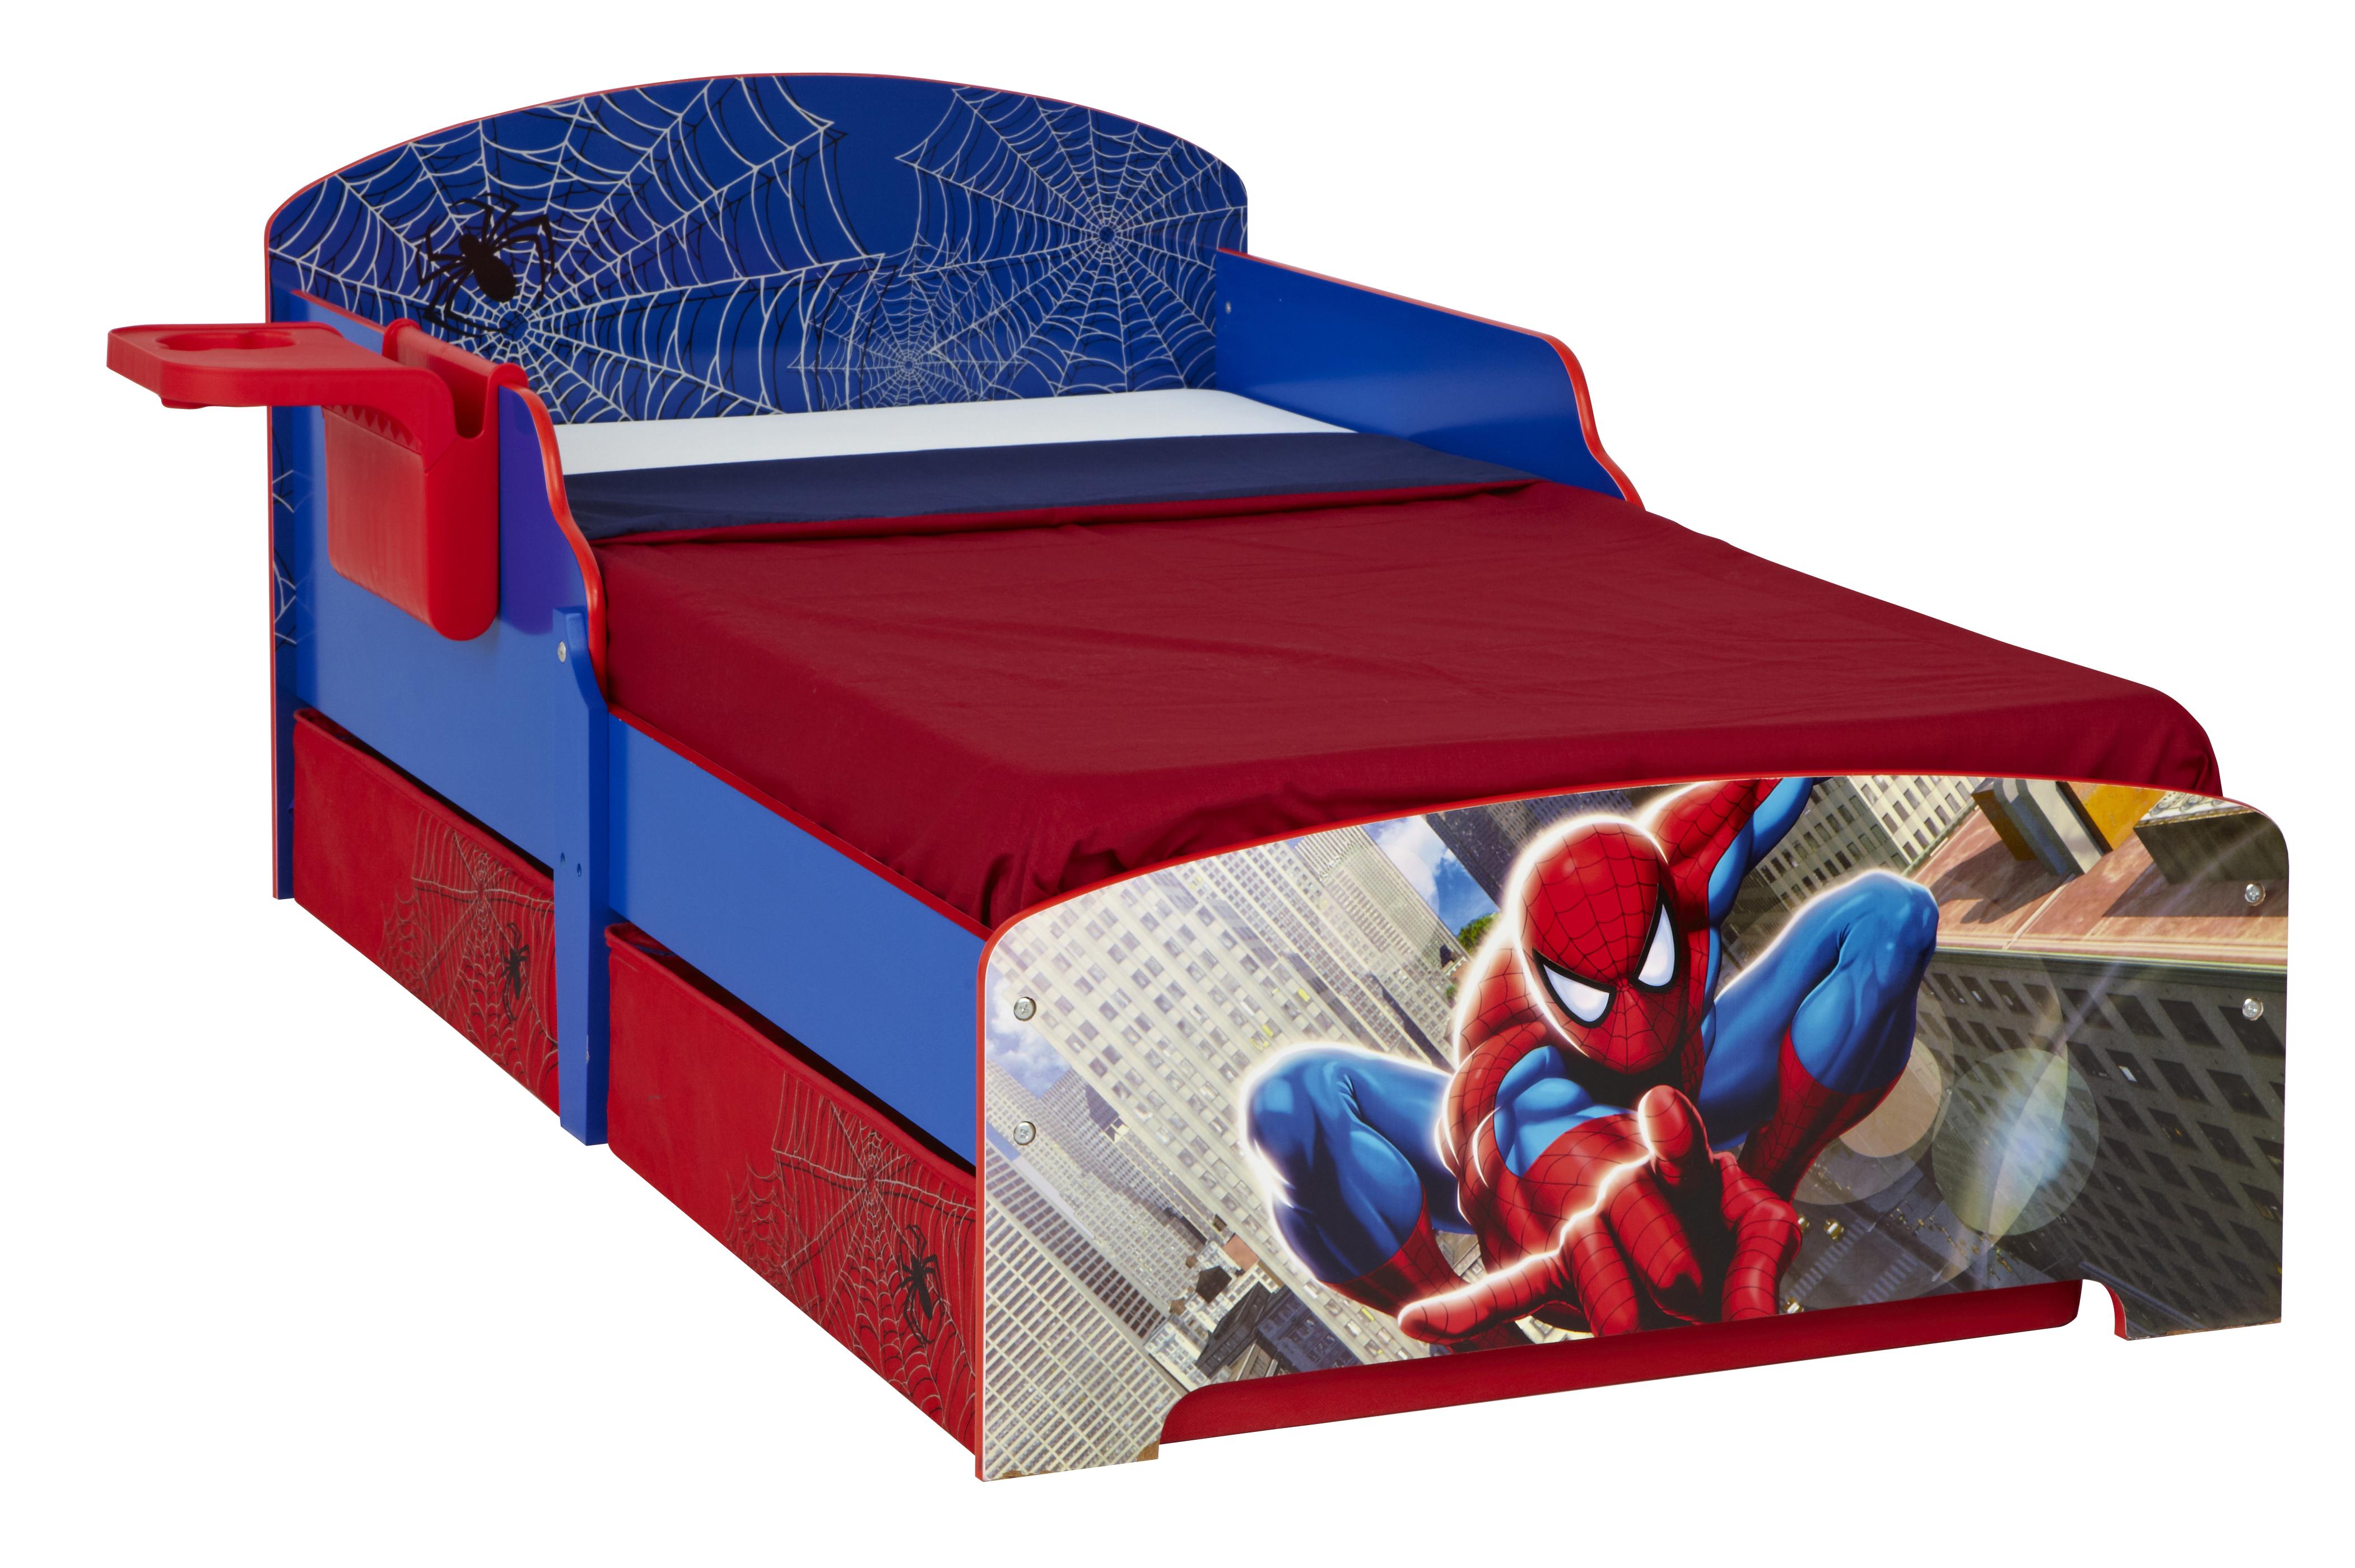 lit spiderman. Black Bedroom Furniture Sets. Home Design Ideas